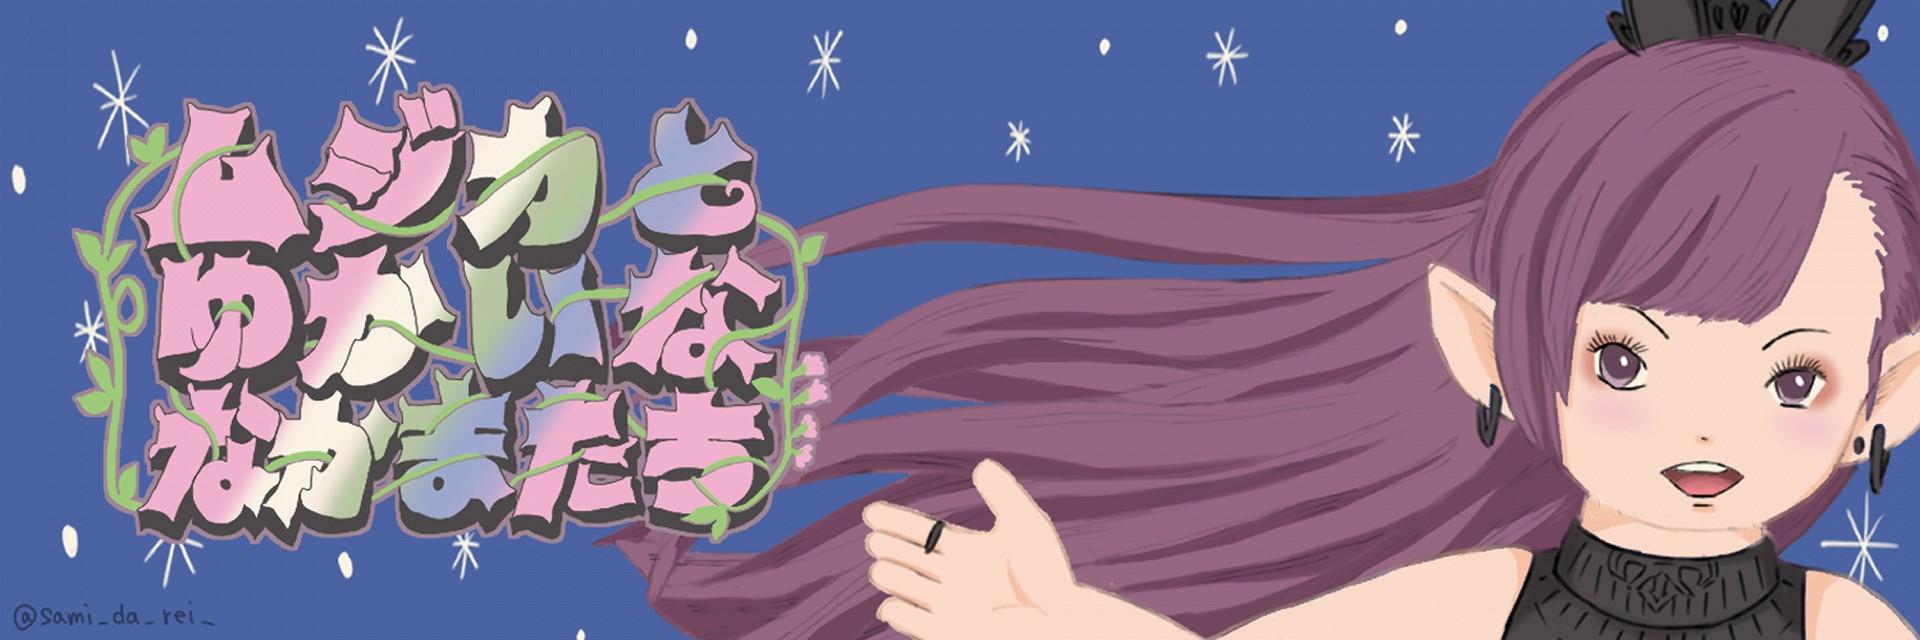 f:id:ryoushitsu-musica:20210717074236j:image